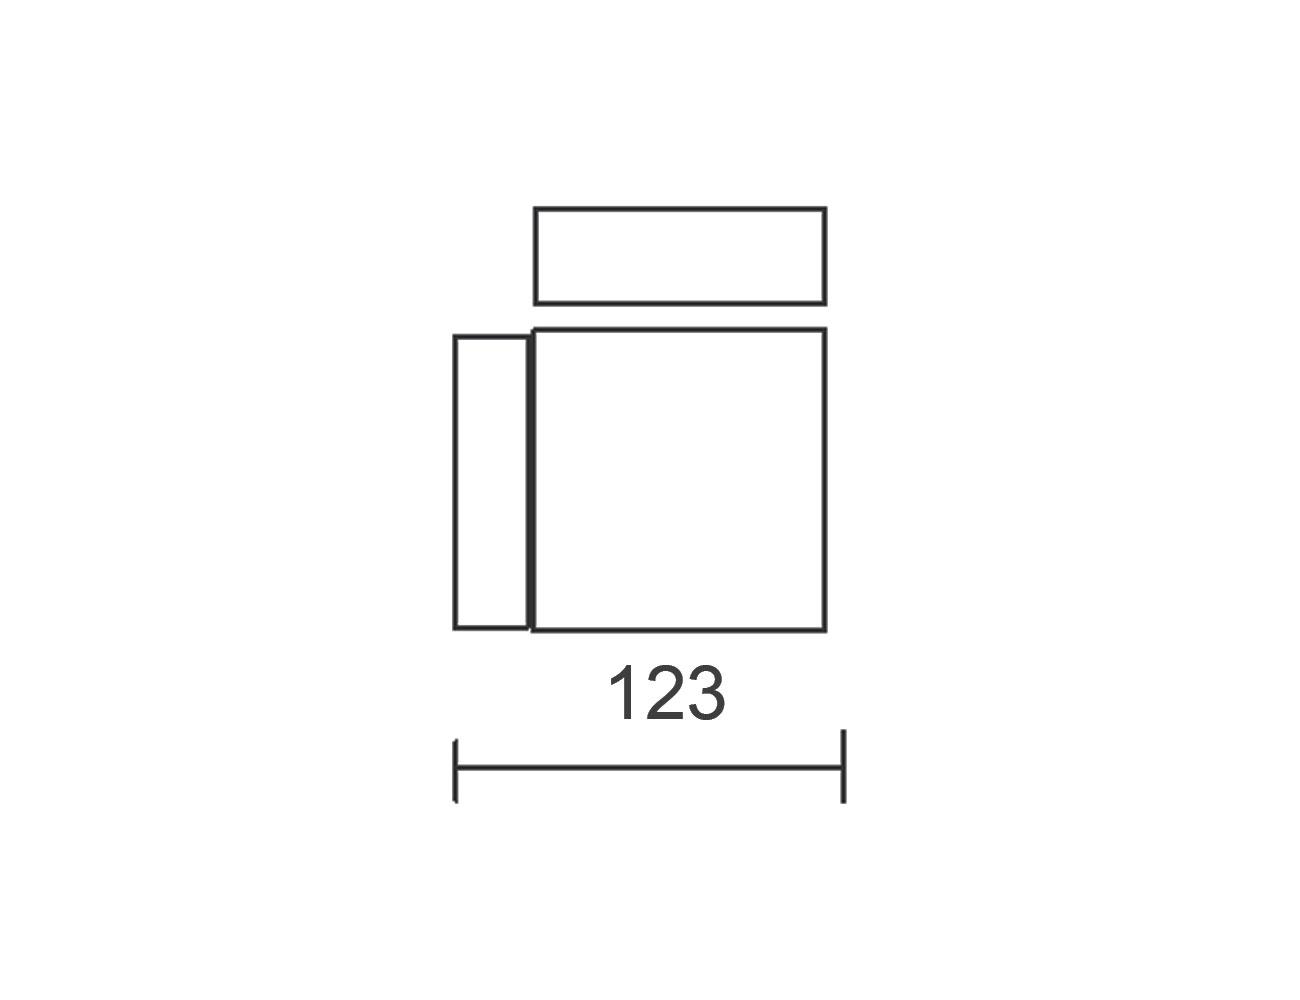 Modulo 1231